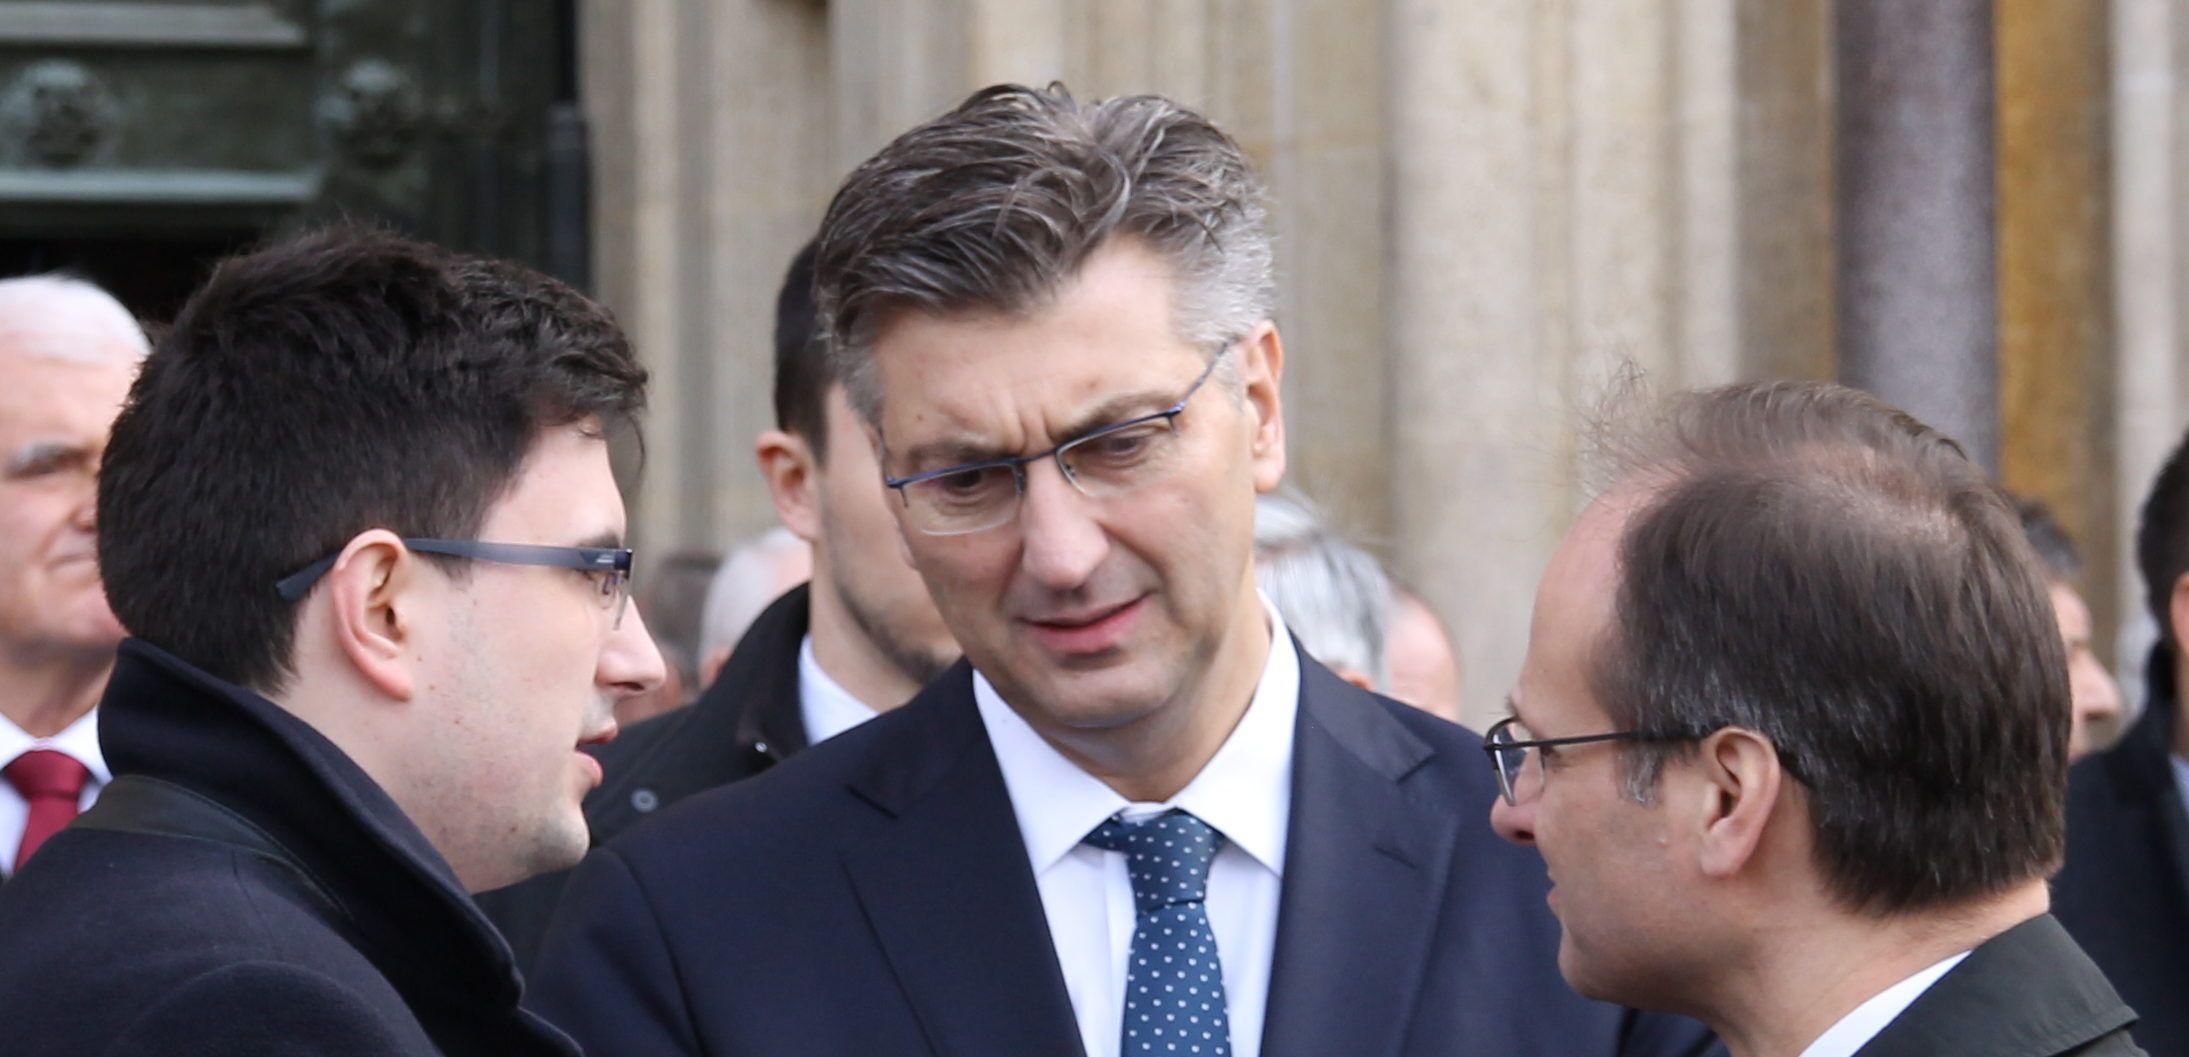 Plenković o izjavi Grabar-Kitarović da će višestrukom Uskokovom optuženiku Milanu Bandiću u zatvor nositi kolače: Vjerujem da se predsjednica šalila